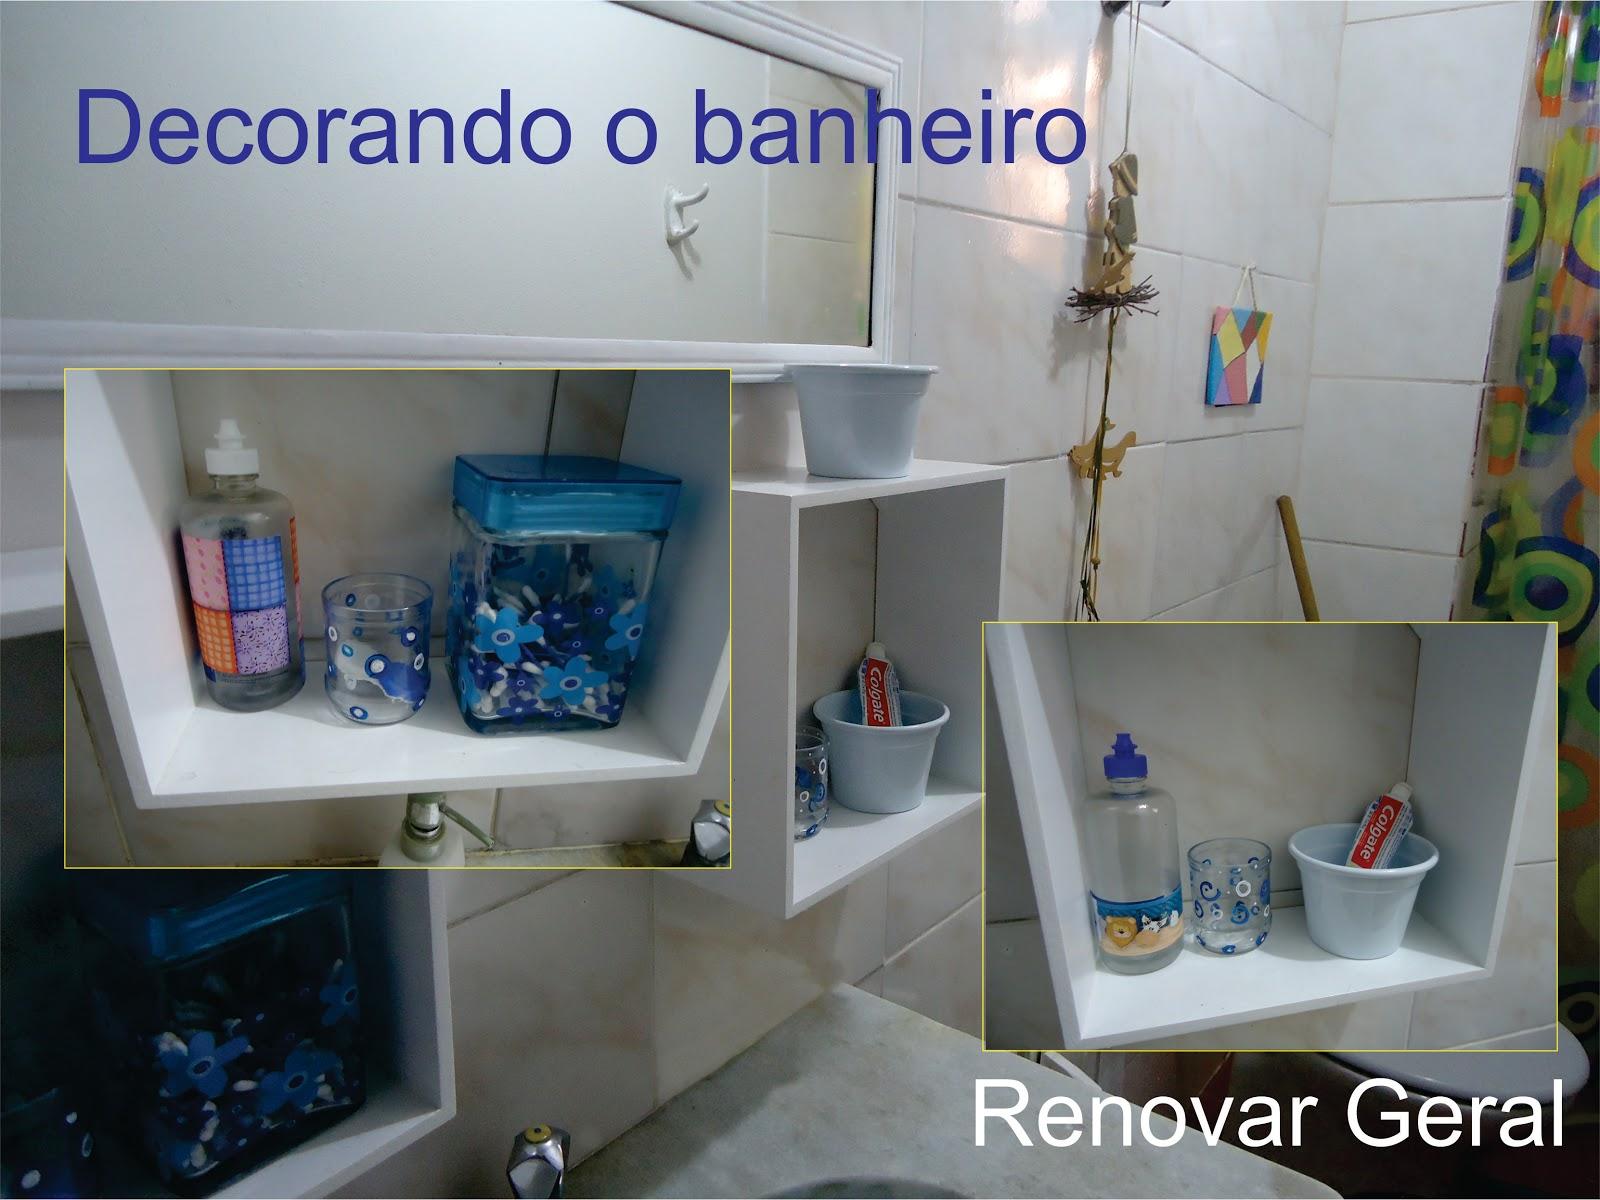 decoracao banheiro antigo:Renovar Geral: Decorando o banheiro antigo #2D416E 1600x1200 Azulejo Para Banheiro